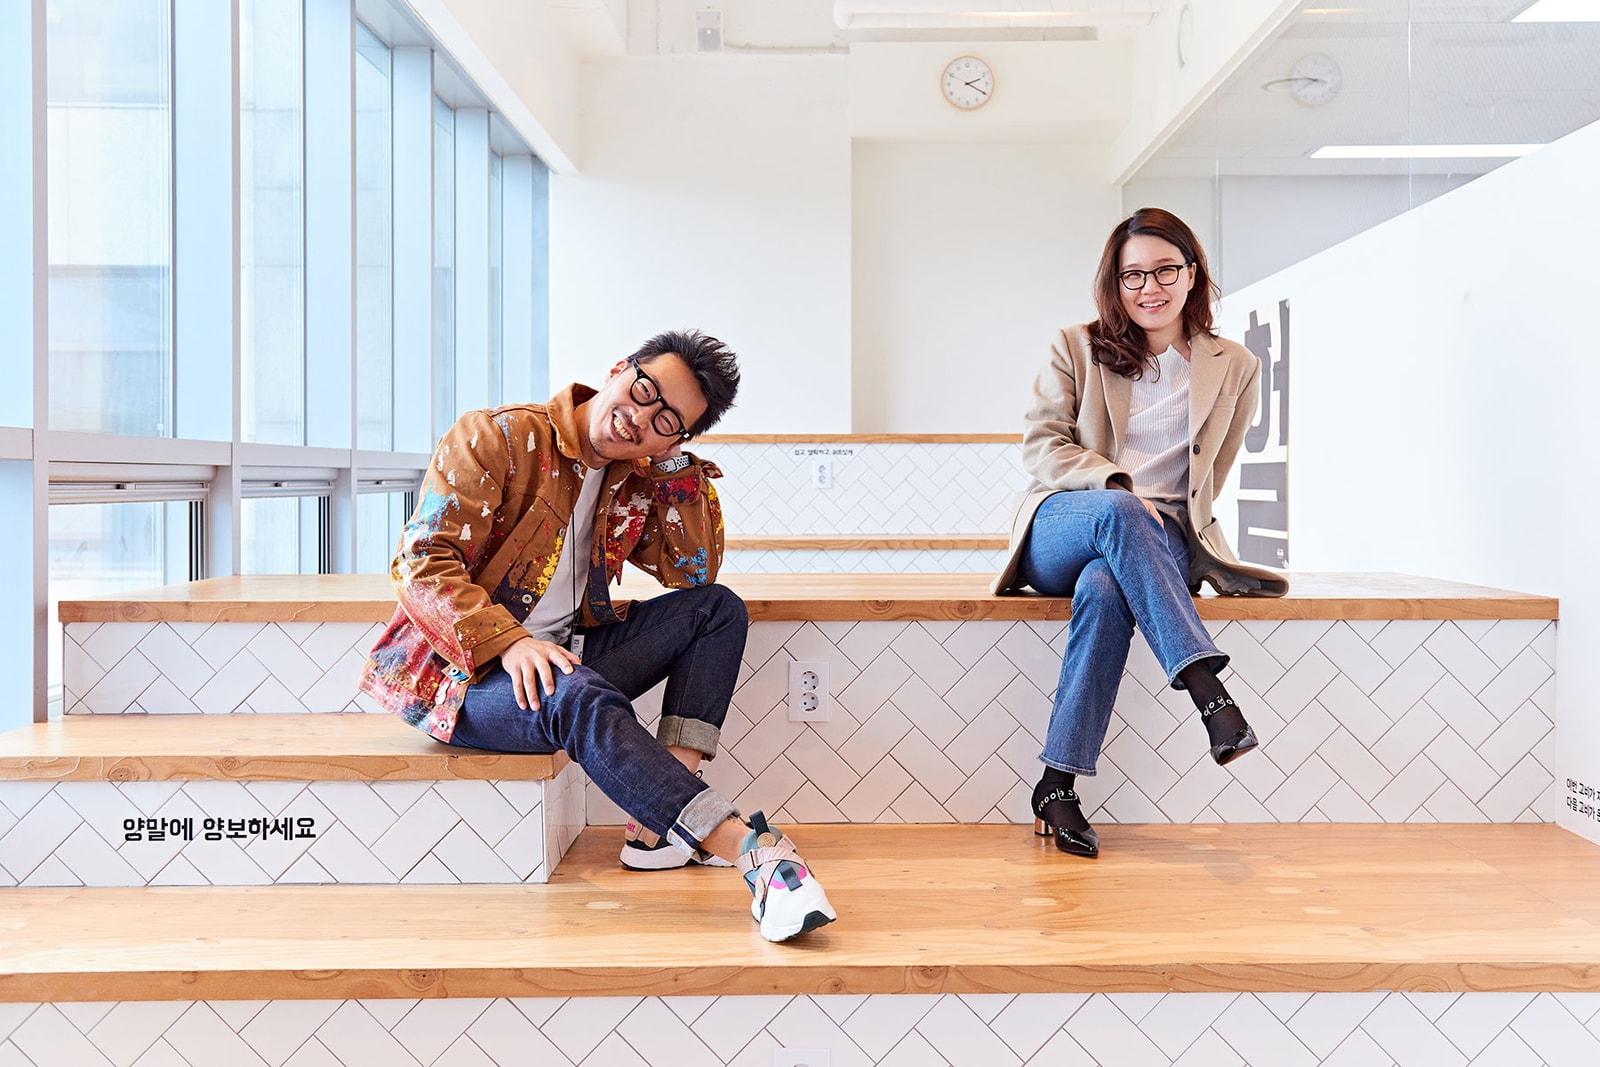 매거진 F 인터뷰 - 배달의민족 x 매거진 B magazine f interview 2018